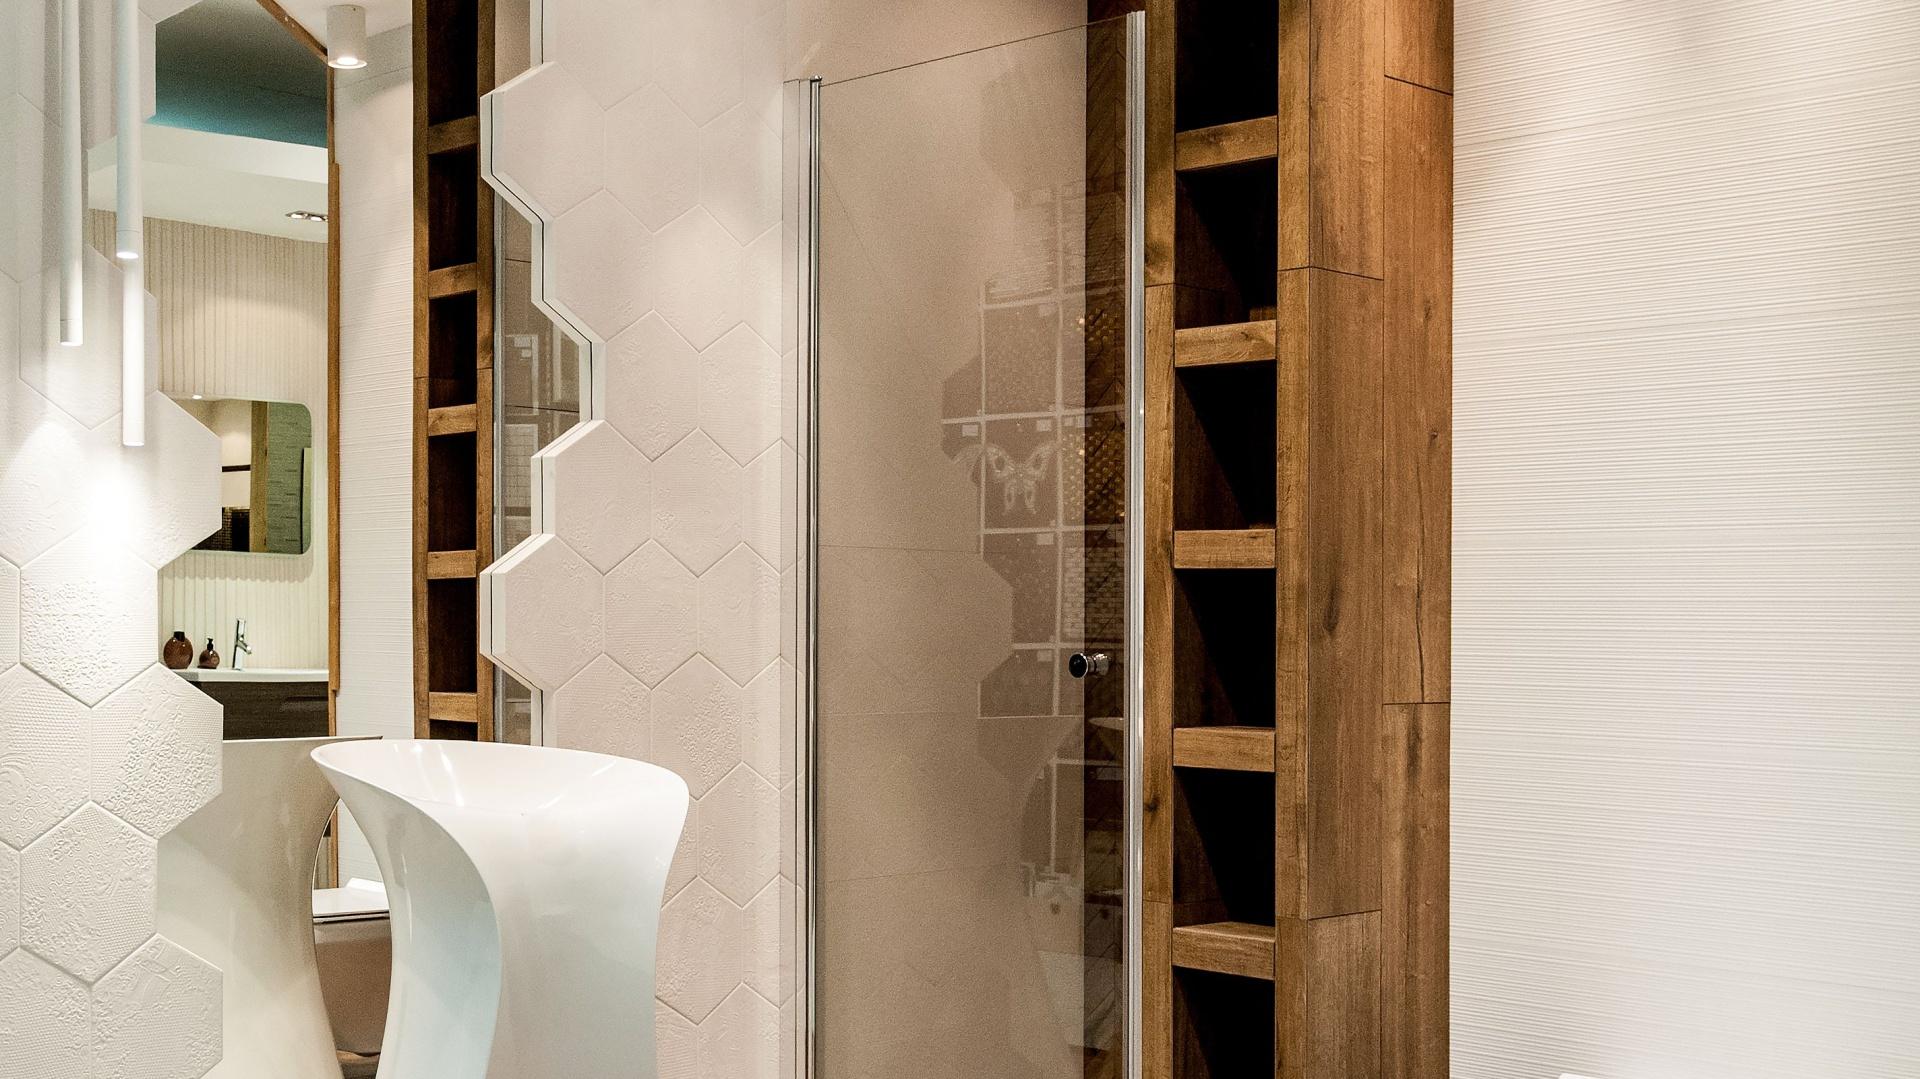 Planując oświetlenie łazienki, starajmy się równomiernie doświetlić całe pomieszczenie. Fot. Max-Fliz